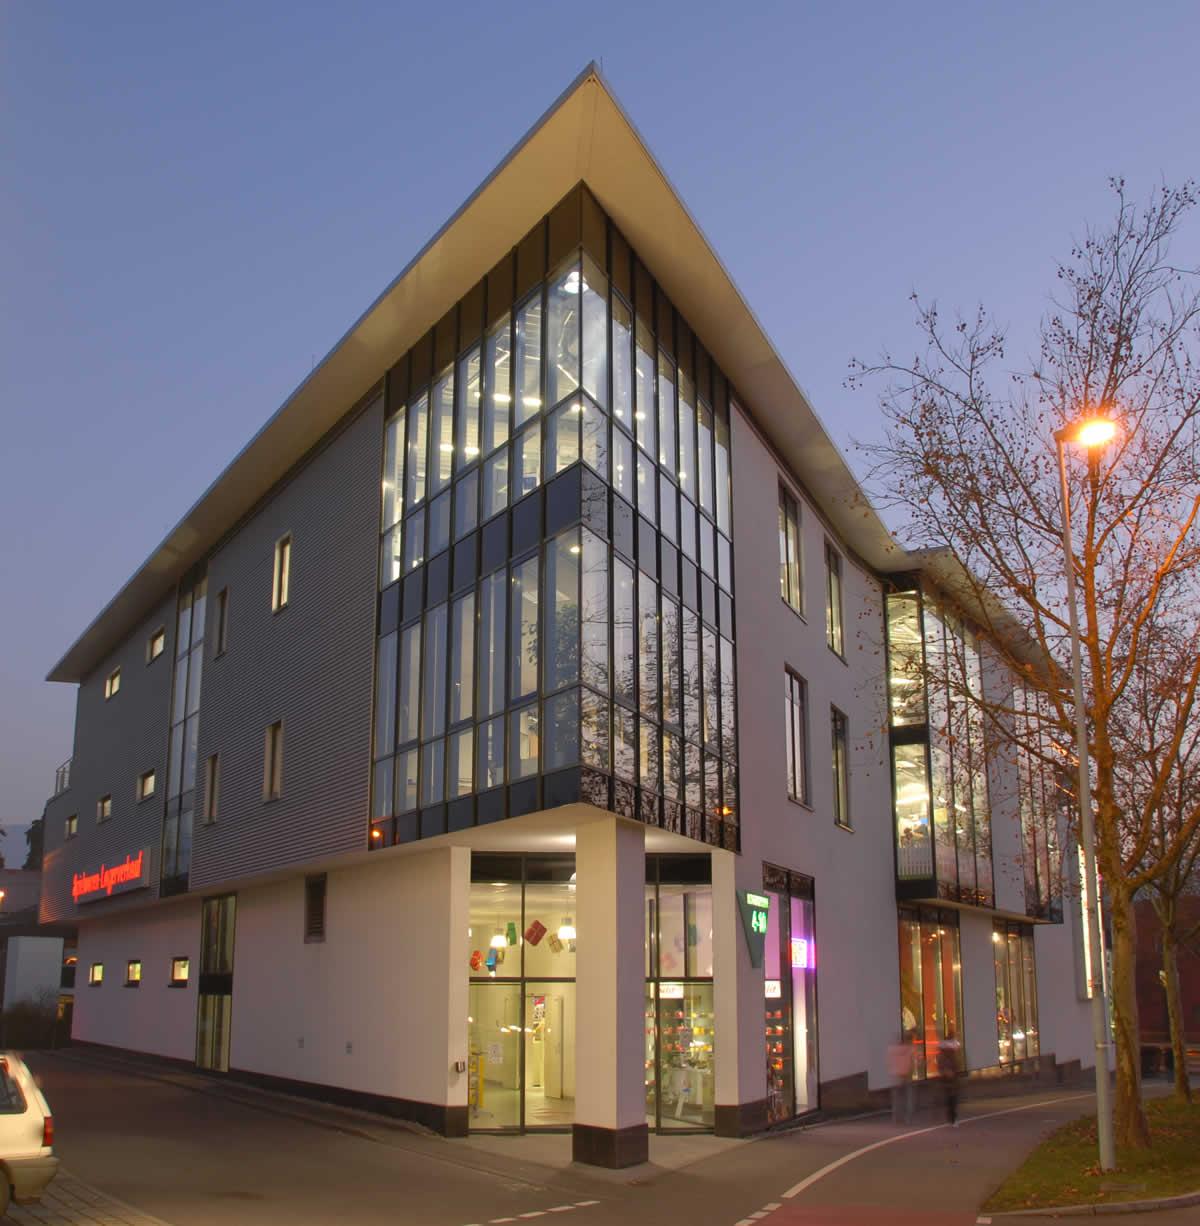 Fabrikverkaufsgebäude Bild 1